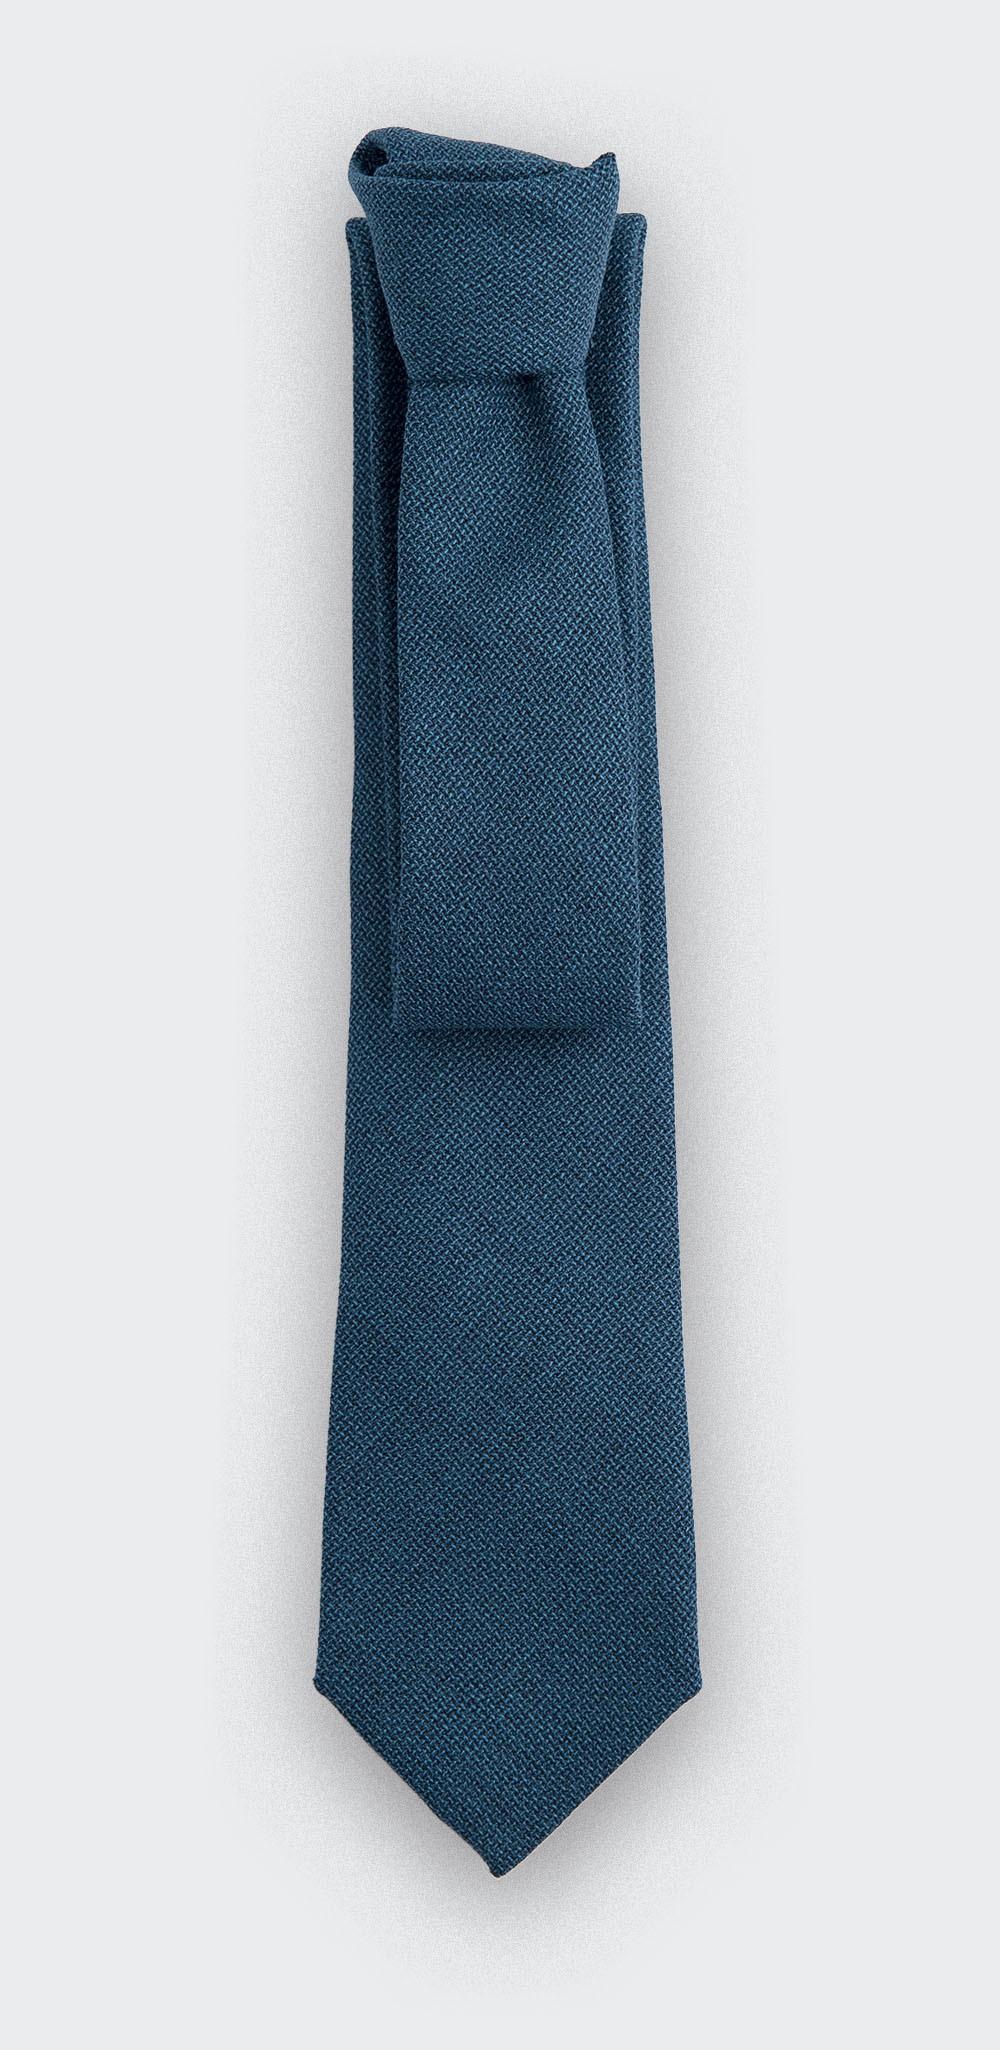 cravate maille bleu canard - laine - cinabre paris